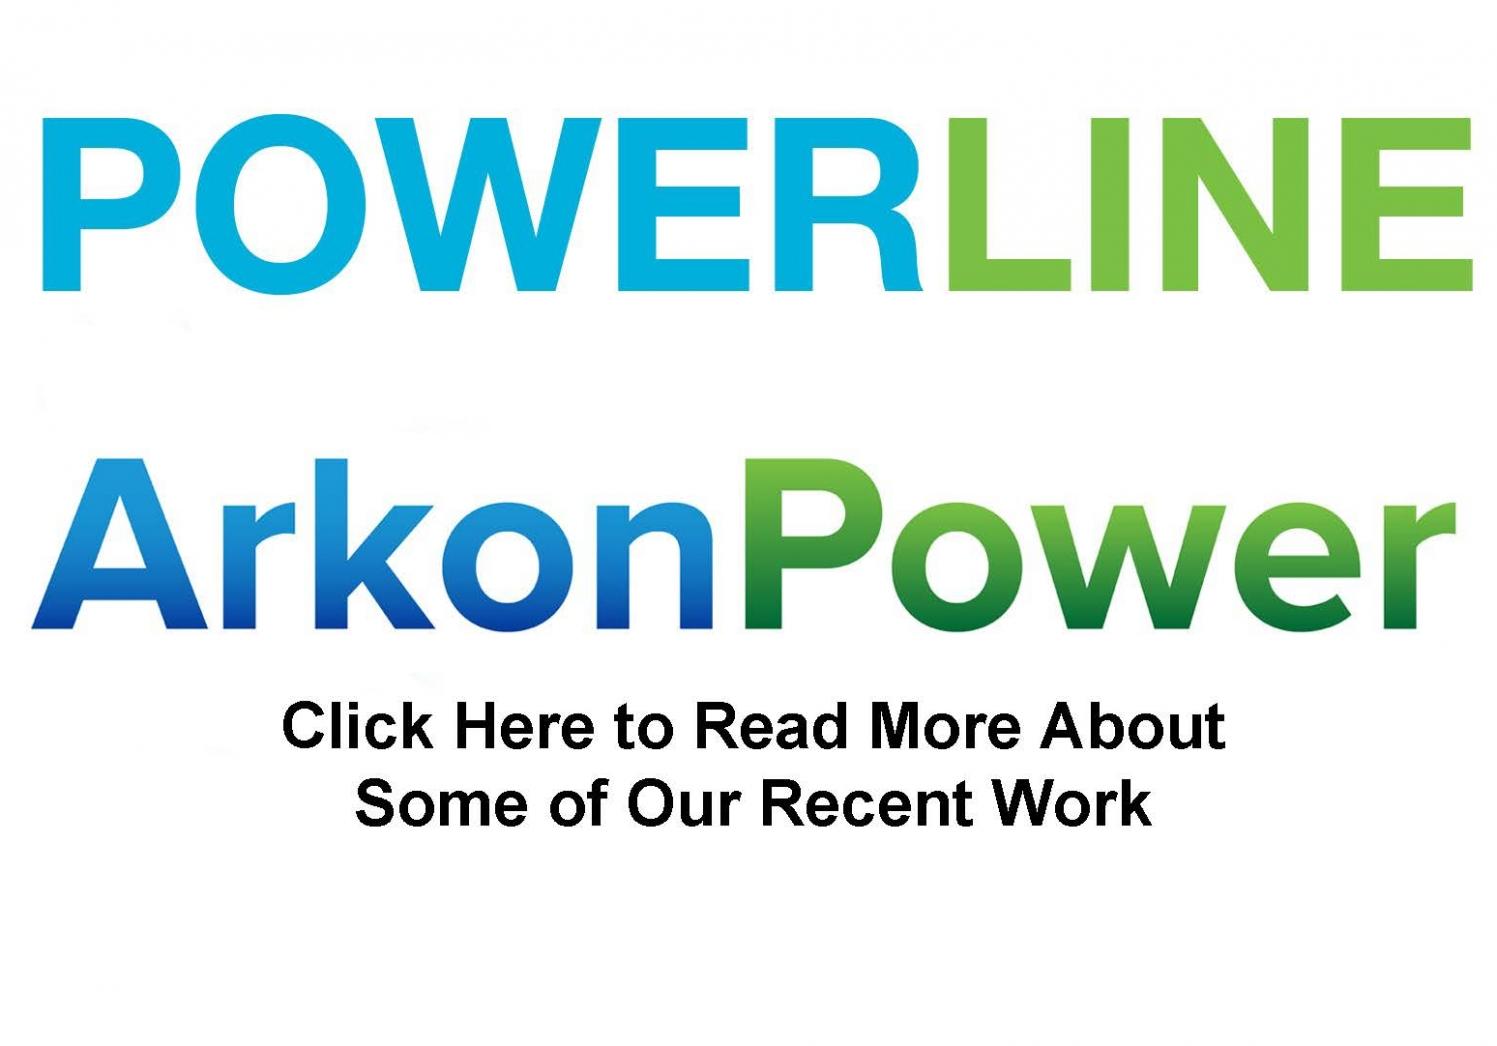 Powerline Newsletter